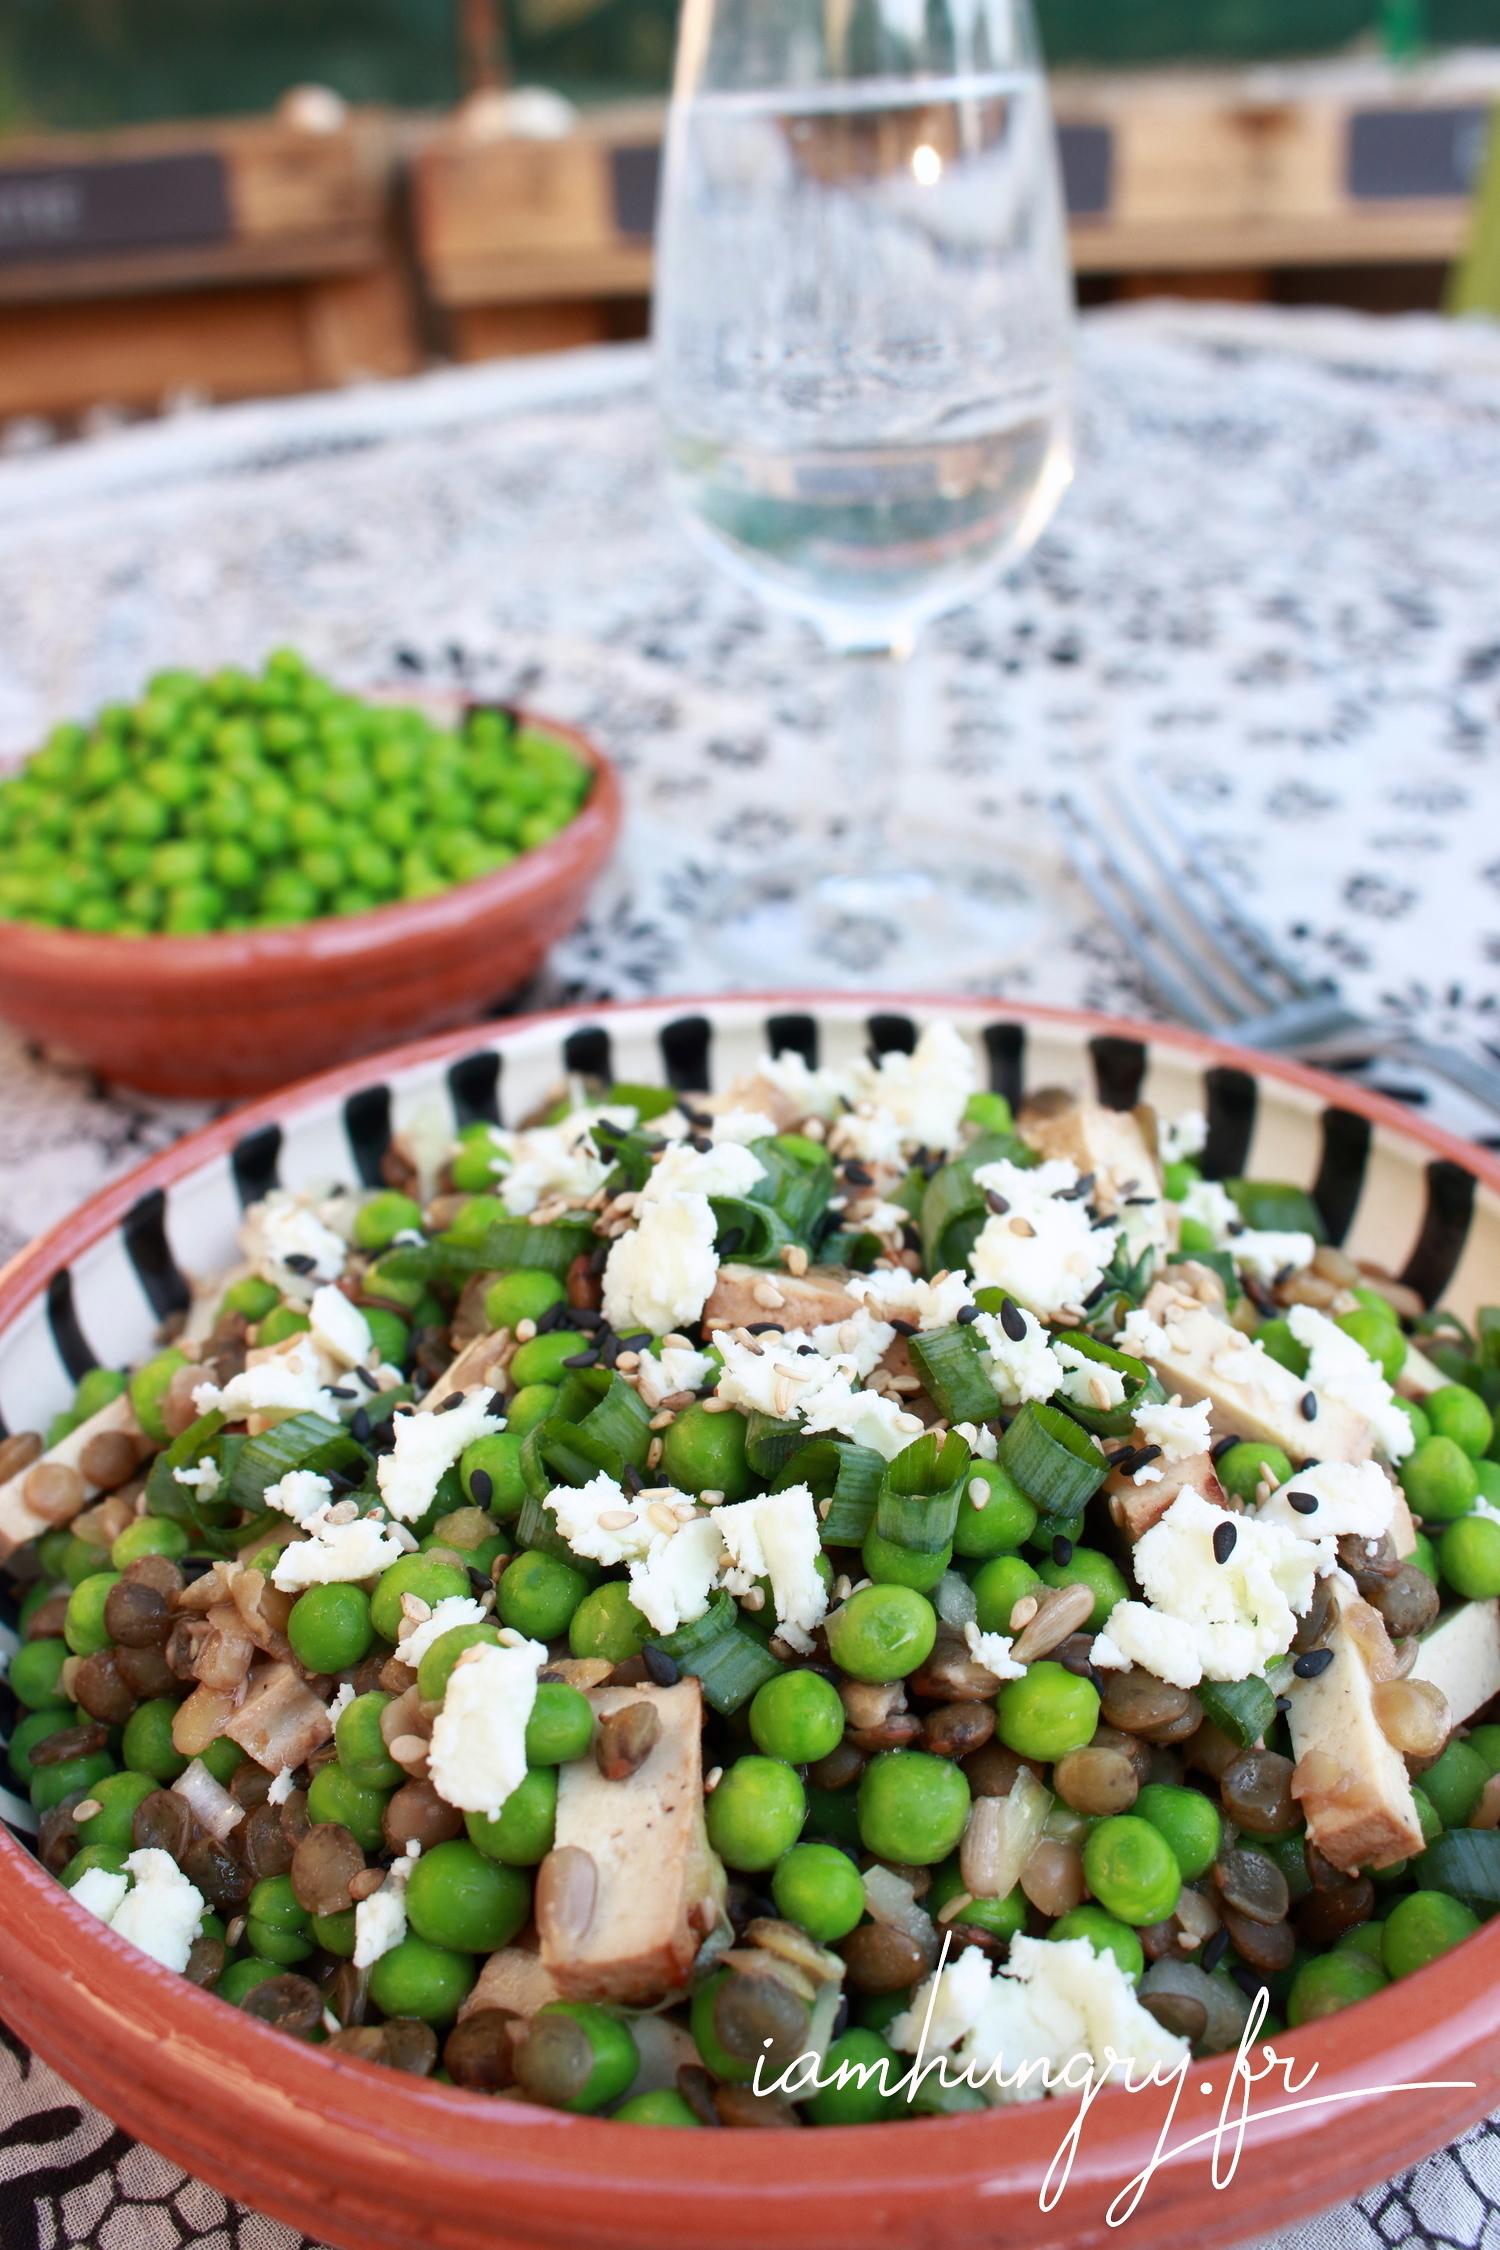 Salade de petits pois lentilles et tofu fumé